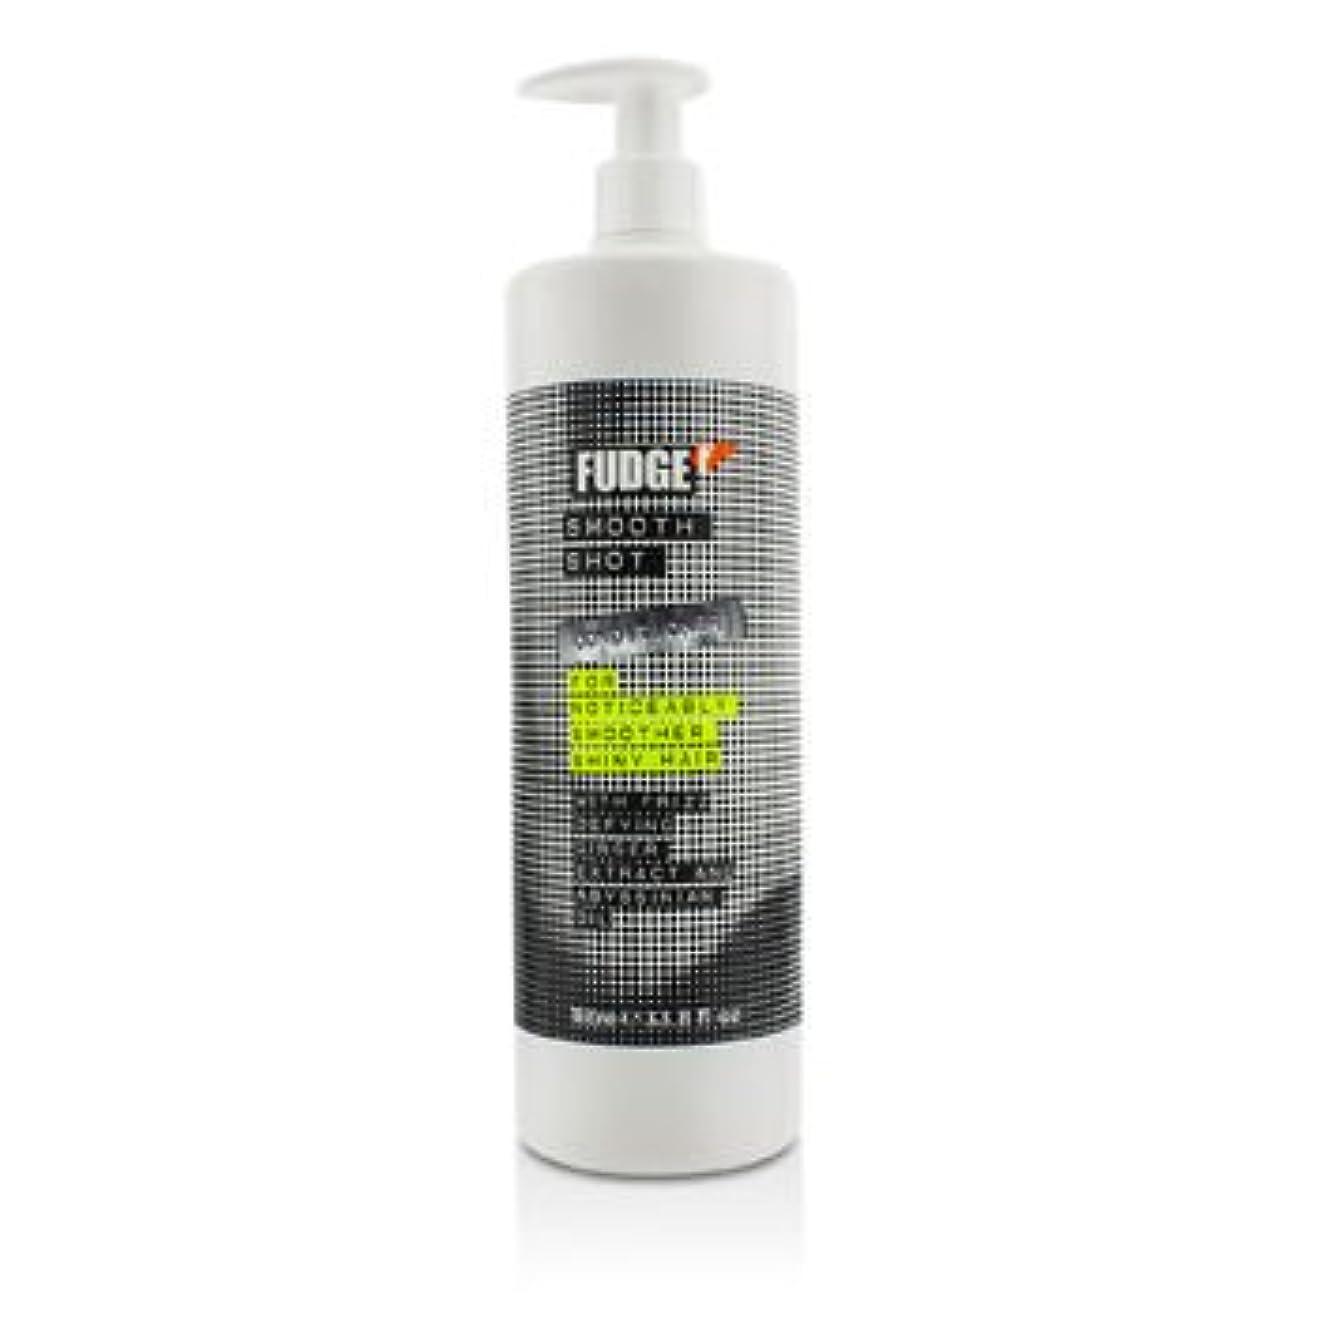 硬さひいきにする叙情的な[Fudge] Smooth Shot Conditioner (For Noticeably Smoother Shiny Hair) 1000ml/33.8oz